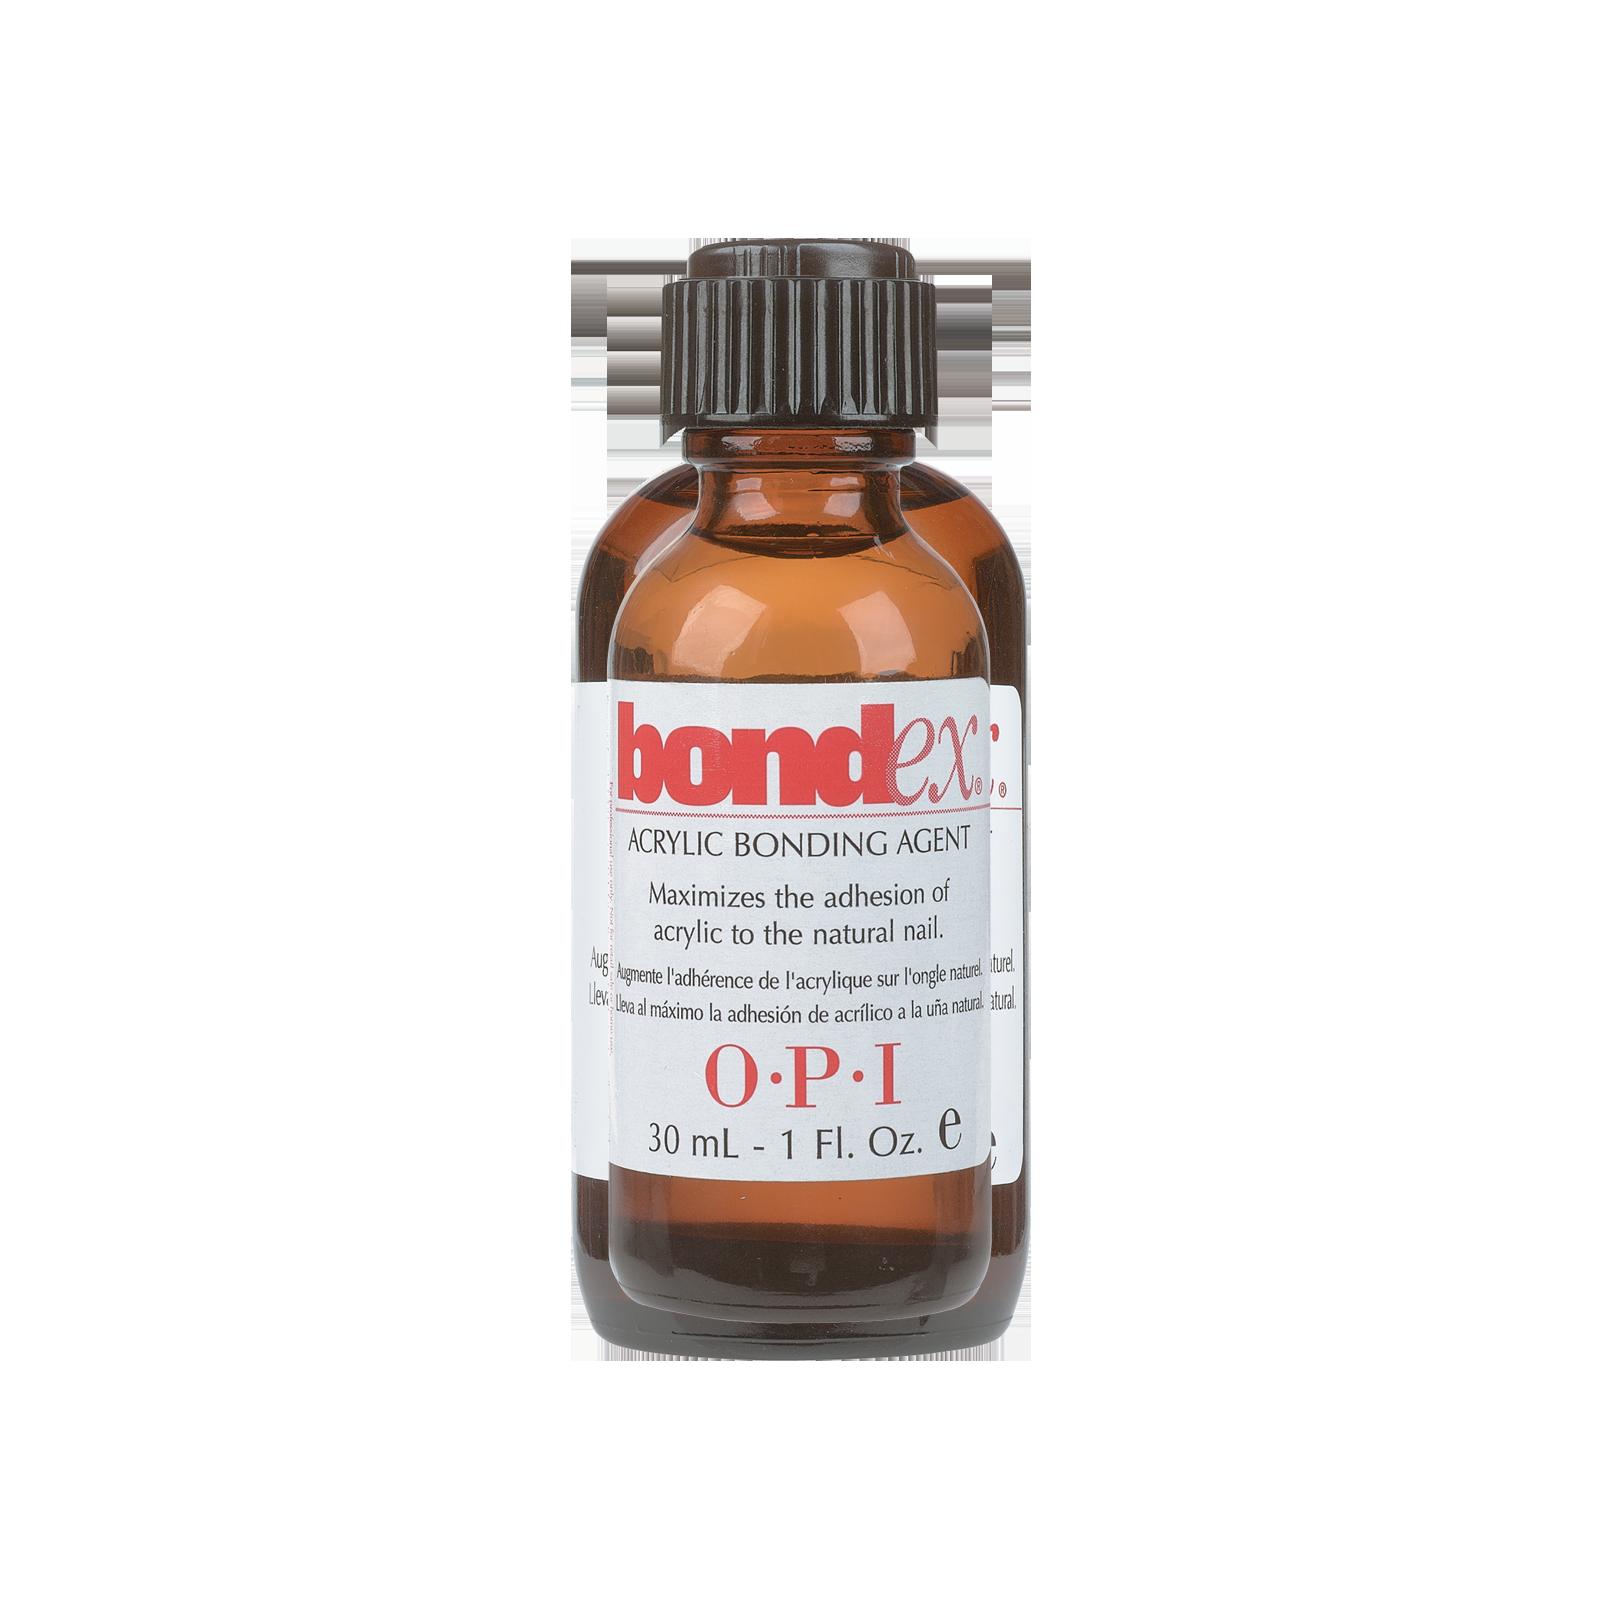 Bondex Acrylic Bonding Agent